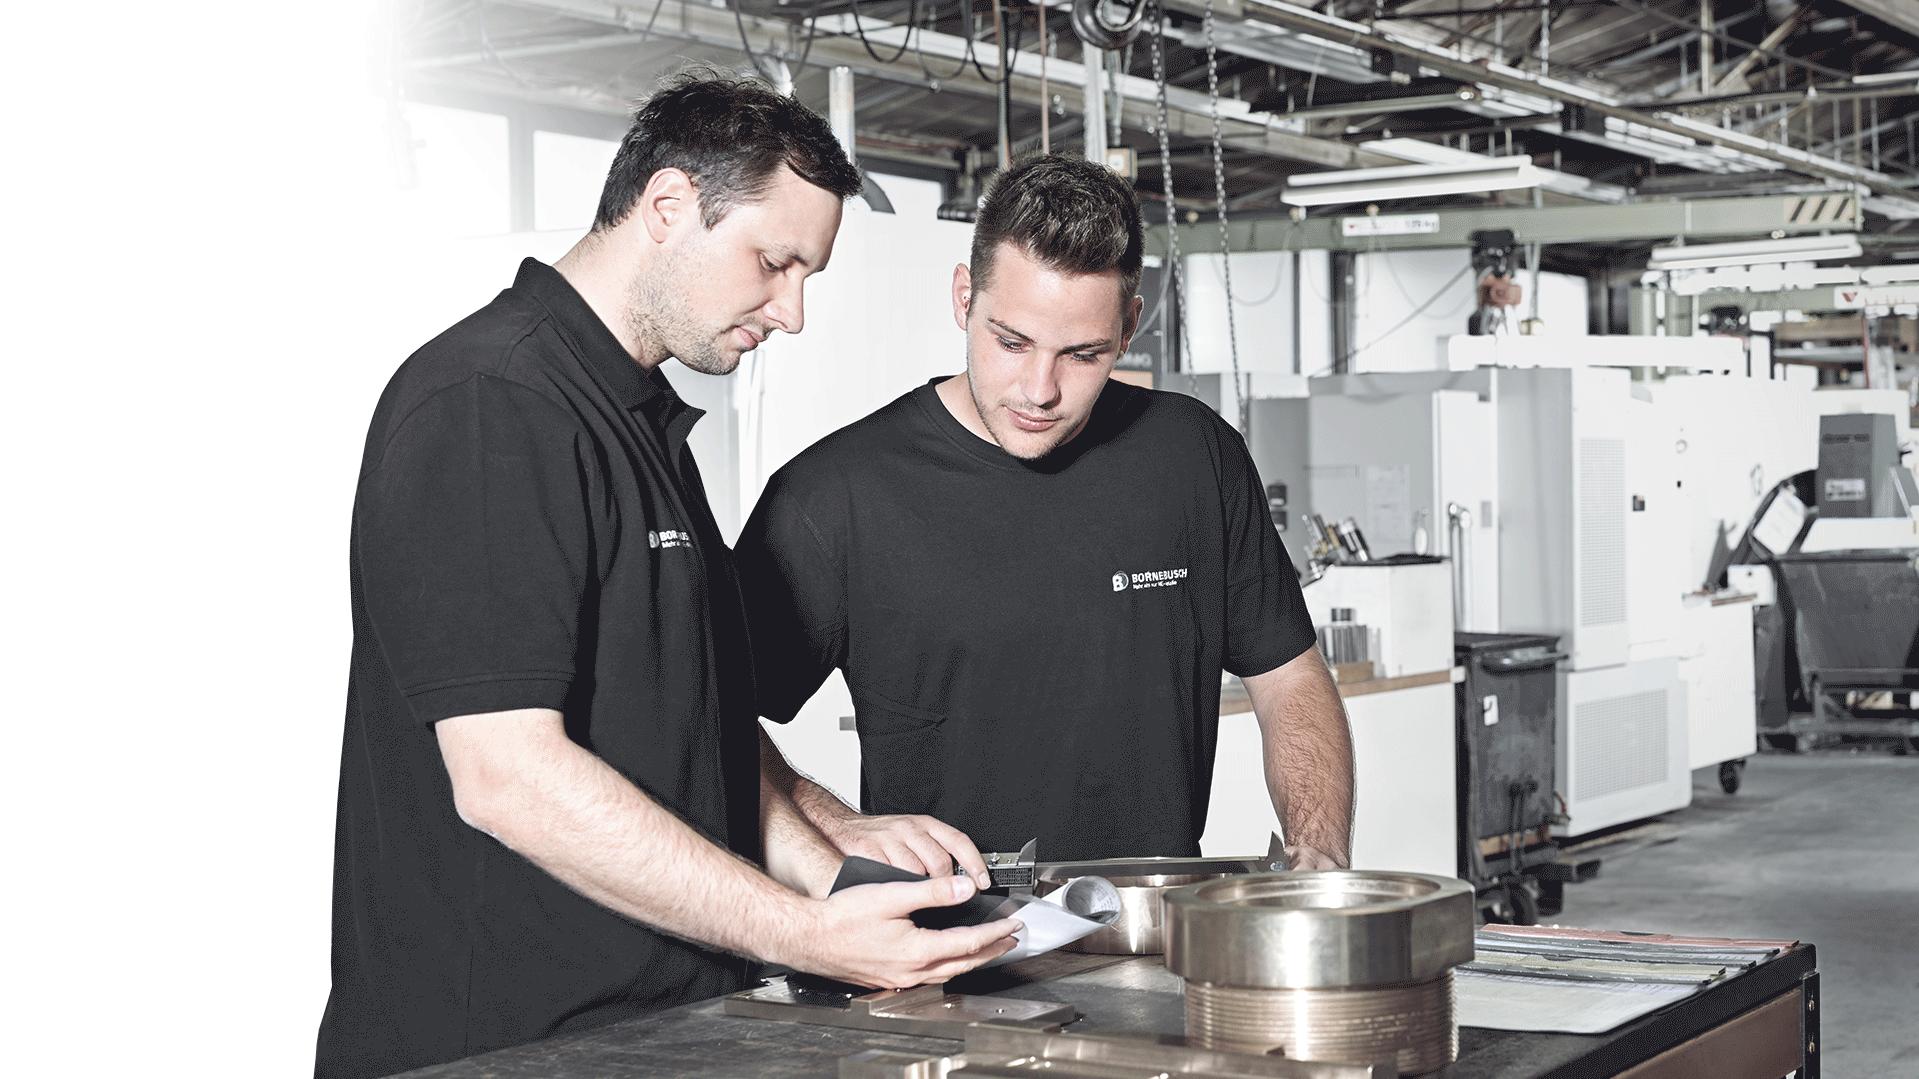 Zwei Männer in einer Produktionshalle die an einem Produkt arbeiten.